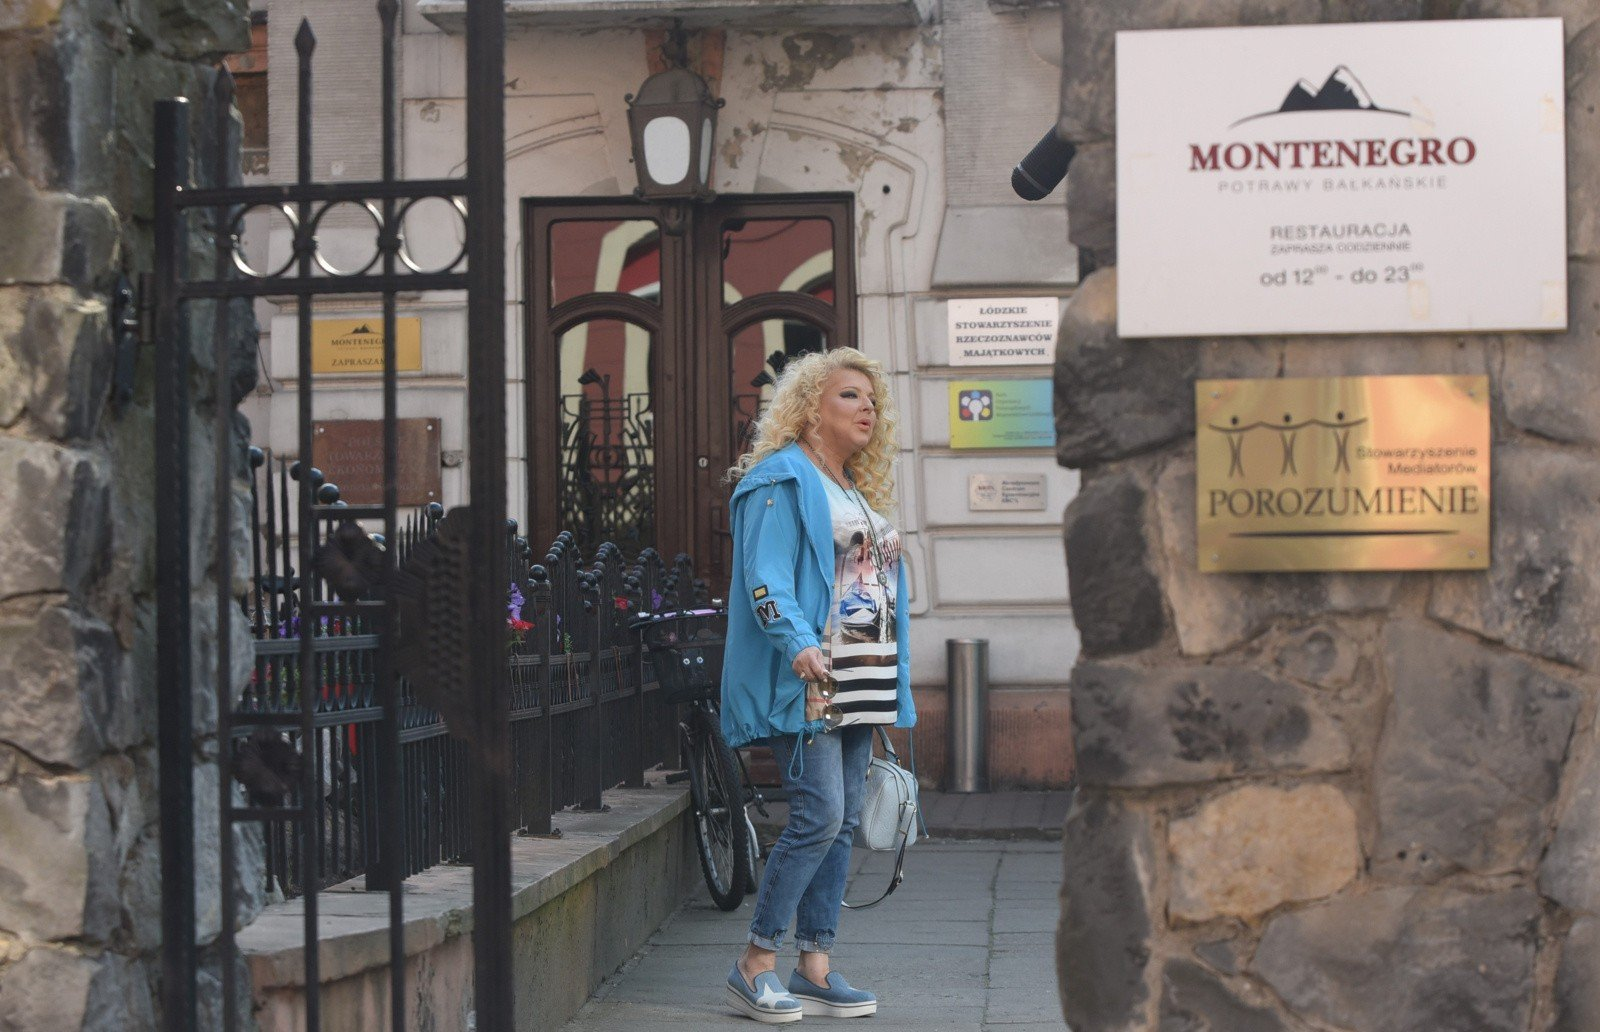 Montenegro Po Kuchennych Rewolucjach Opinie Menu Ceny Gazeta